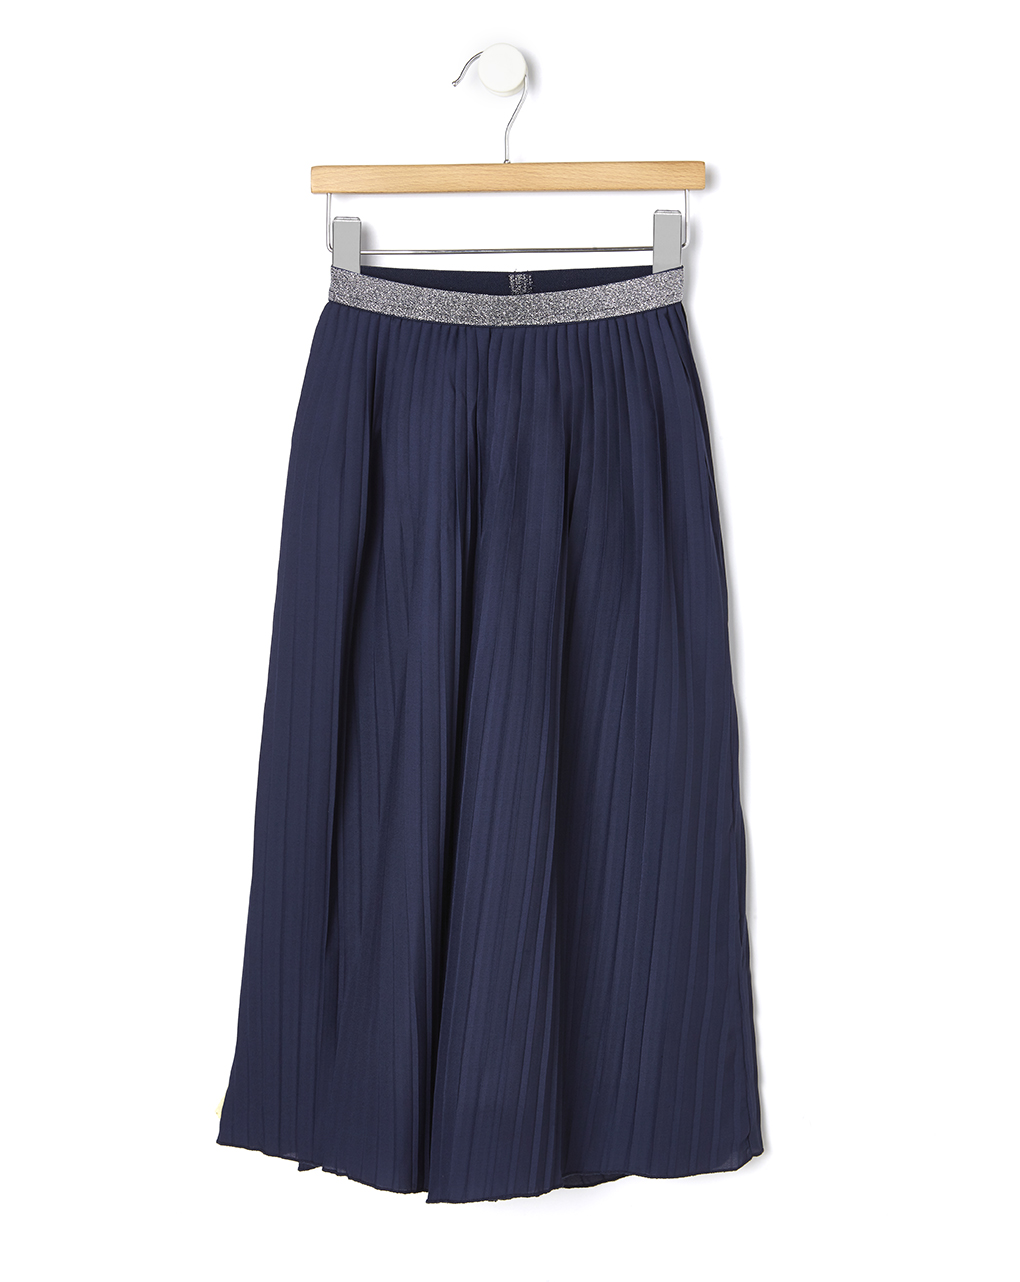 Παντελόνα Πλισέ Μπλε για Κορίτσι